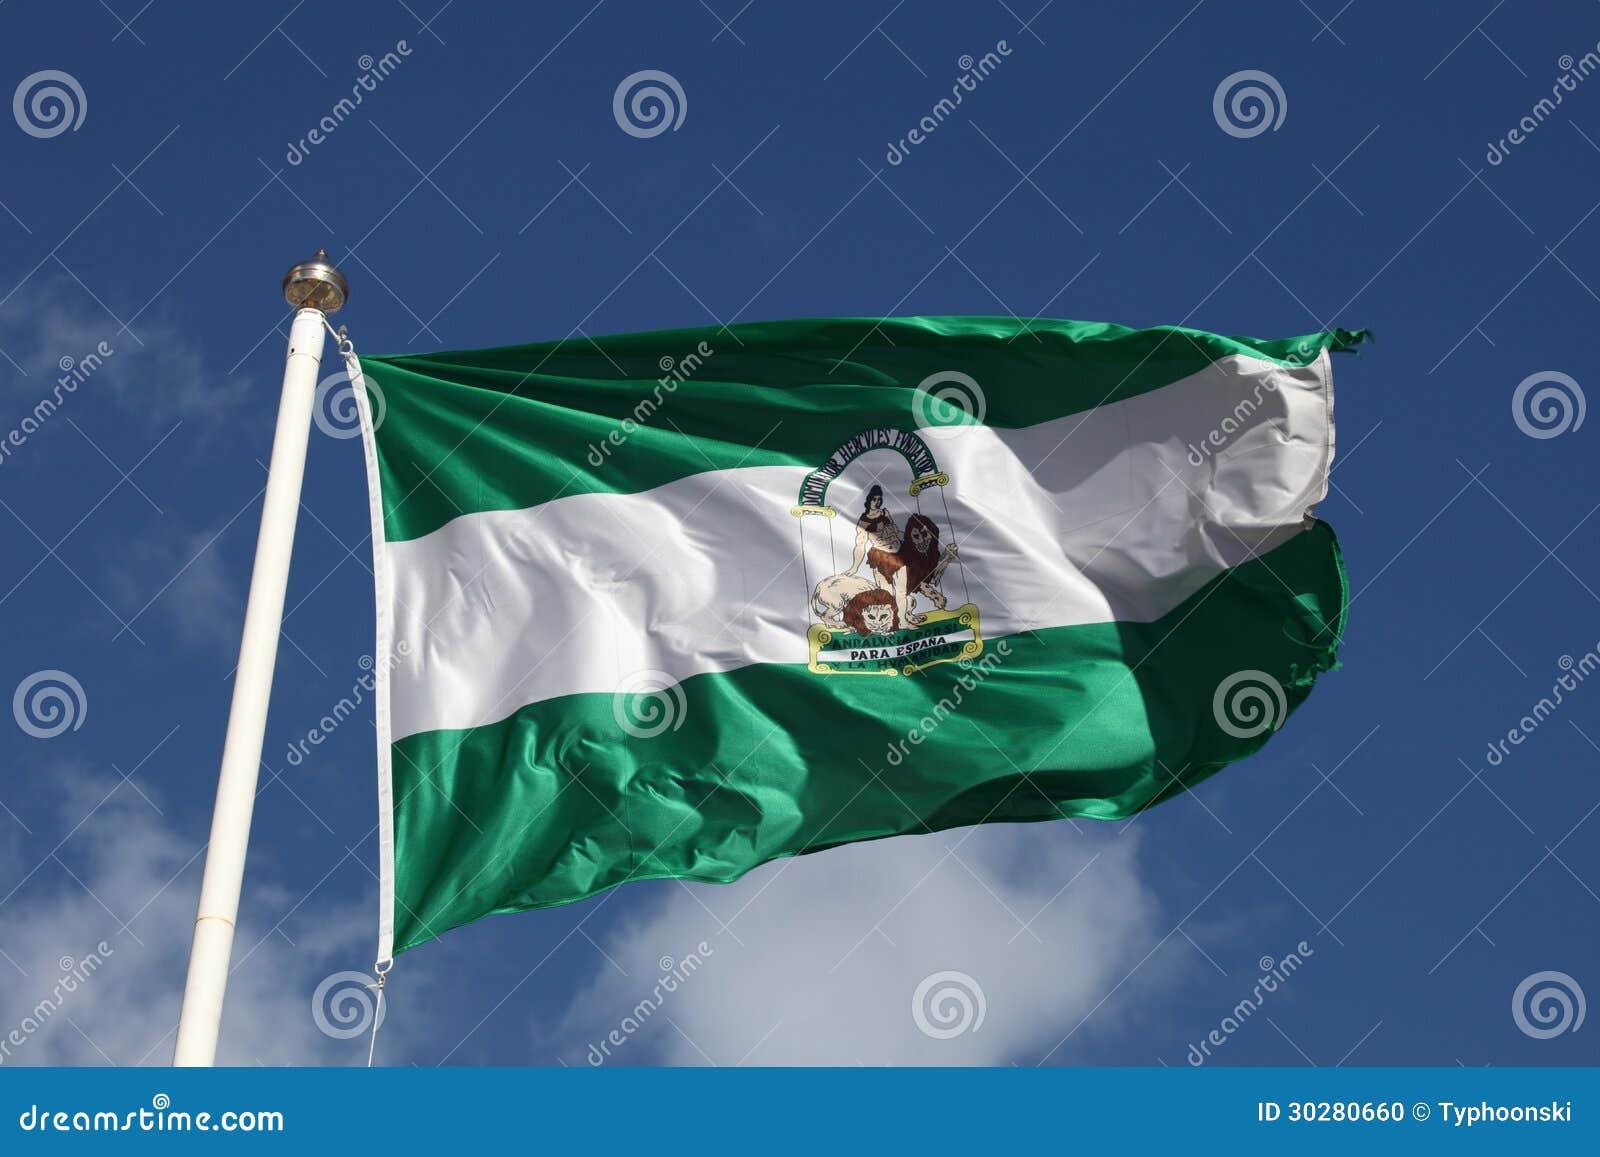 安大路西亚,西班牙的旗子